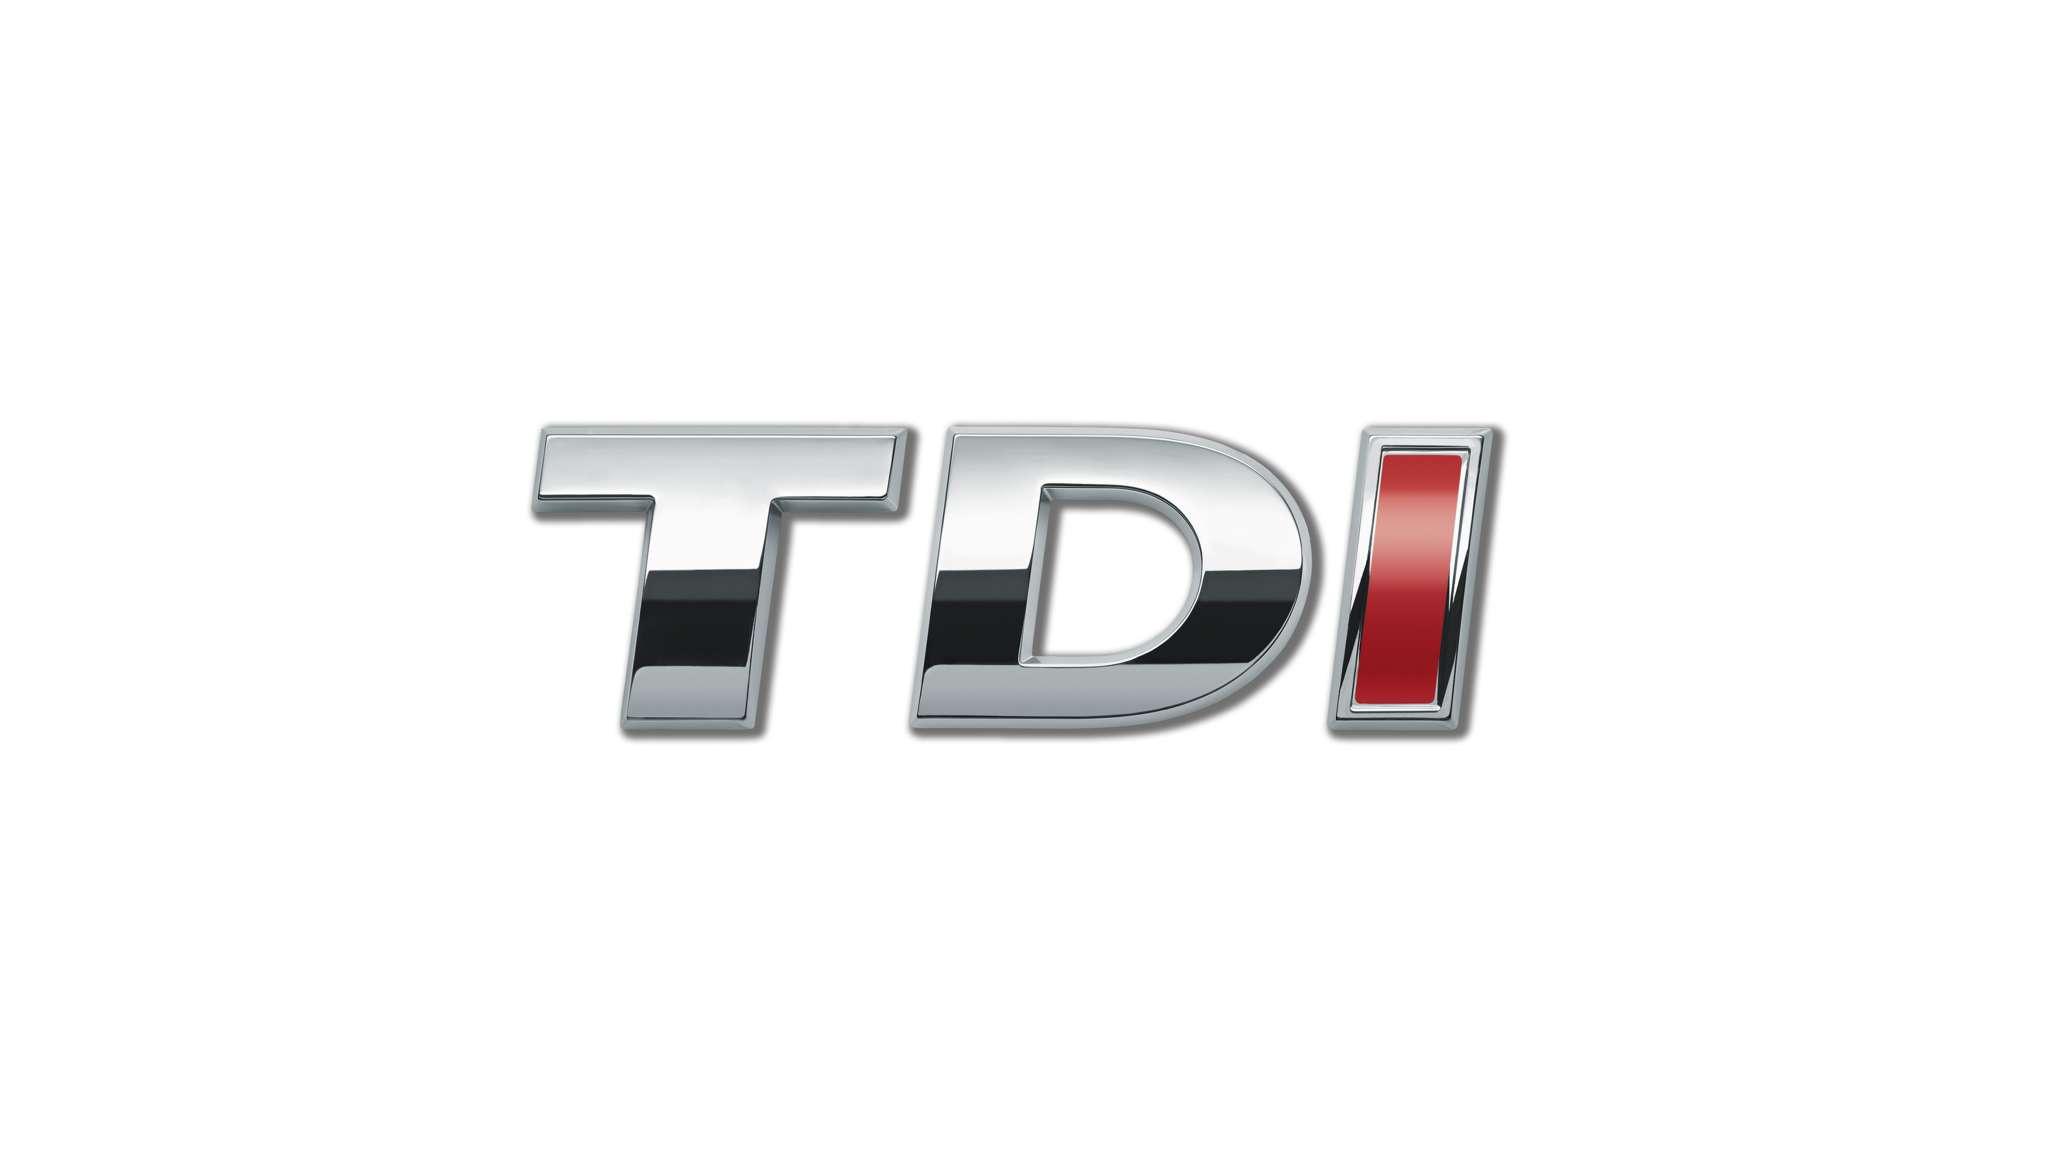 voordelen van TDI motor